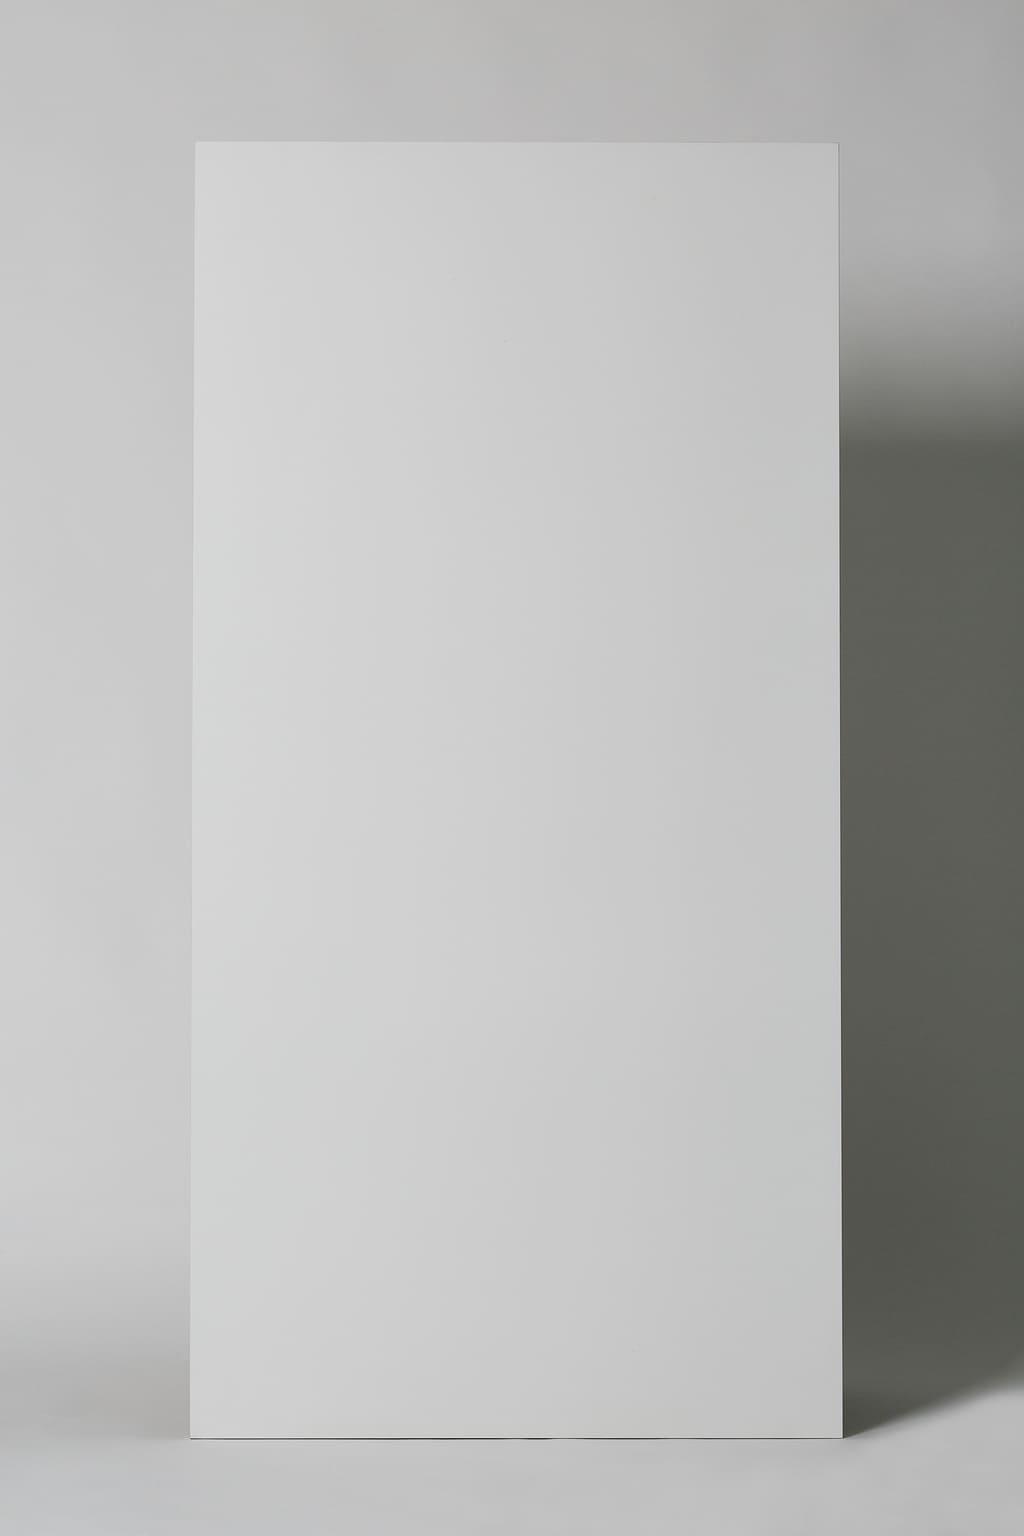 Płytka gresowa - salon, kuchnia, matowa, na podłogę lub ścianę, rektyfikowana, mrozoodporna, antypoślizgowa: C1, rozmiar 60x120cm, biała - Mykonos Technic white